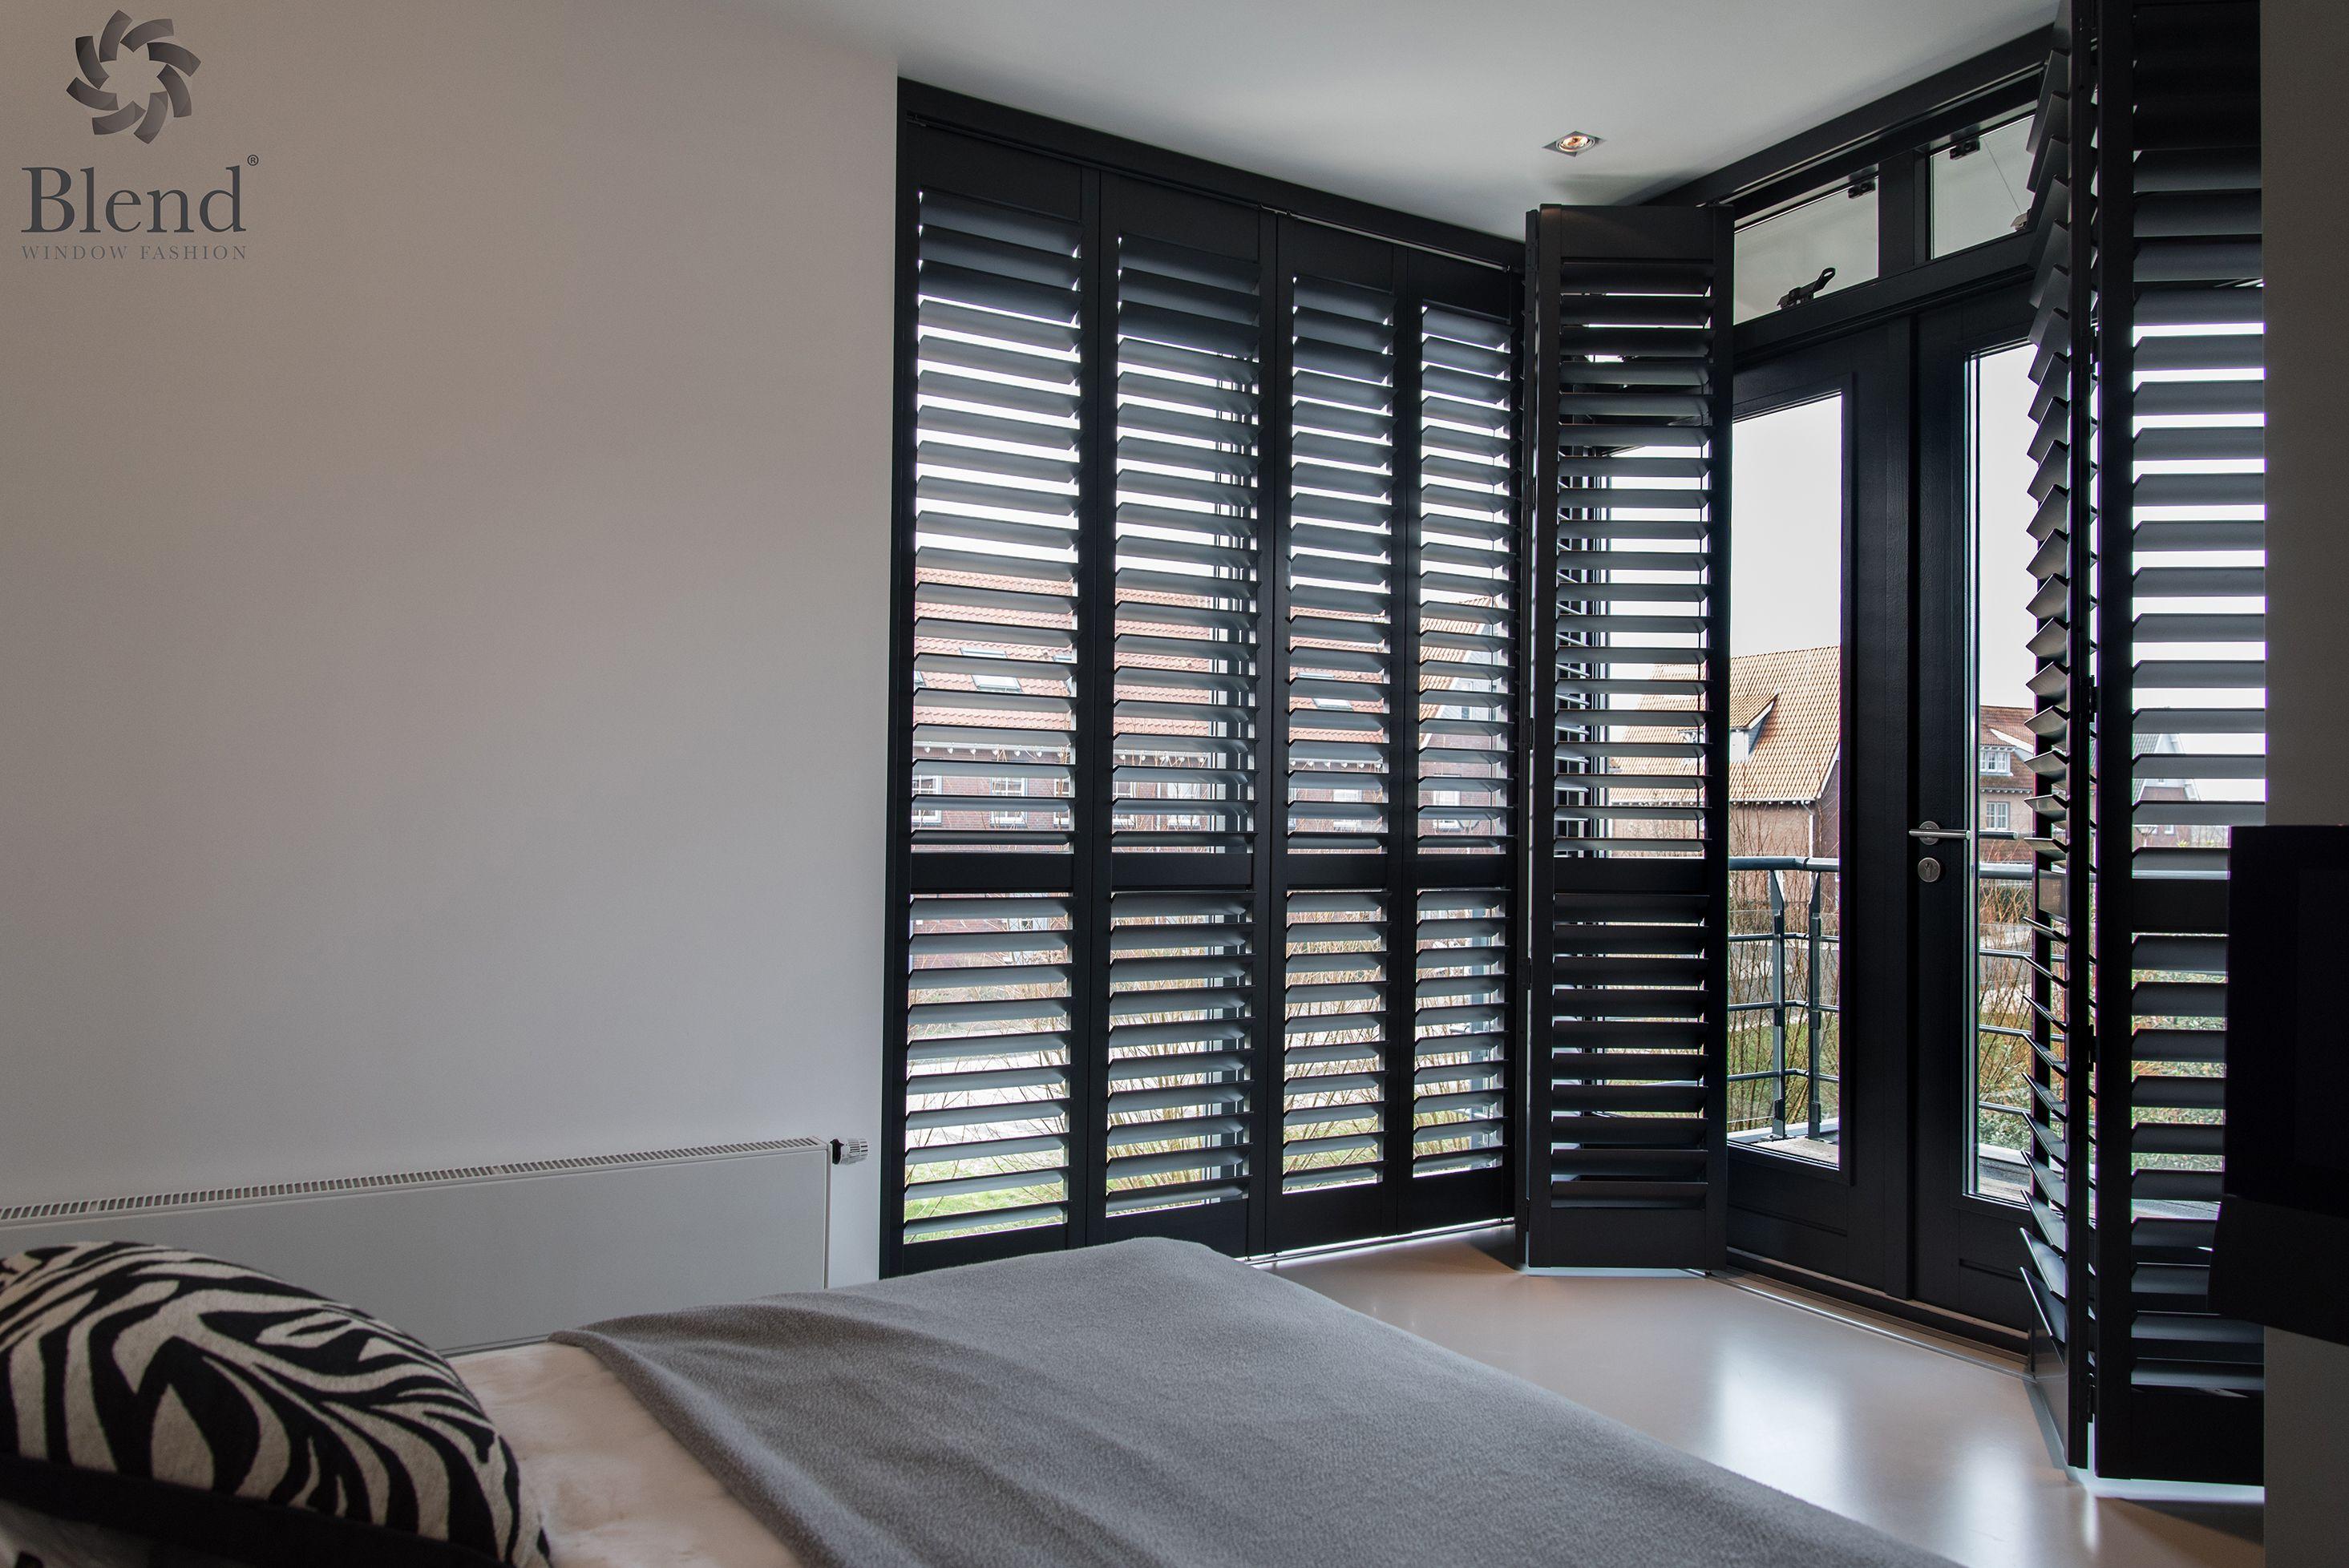 Slaapkamer met shutters #weloveshutters www.shutters.nl | master ...